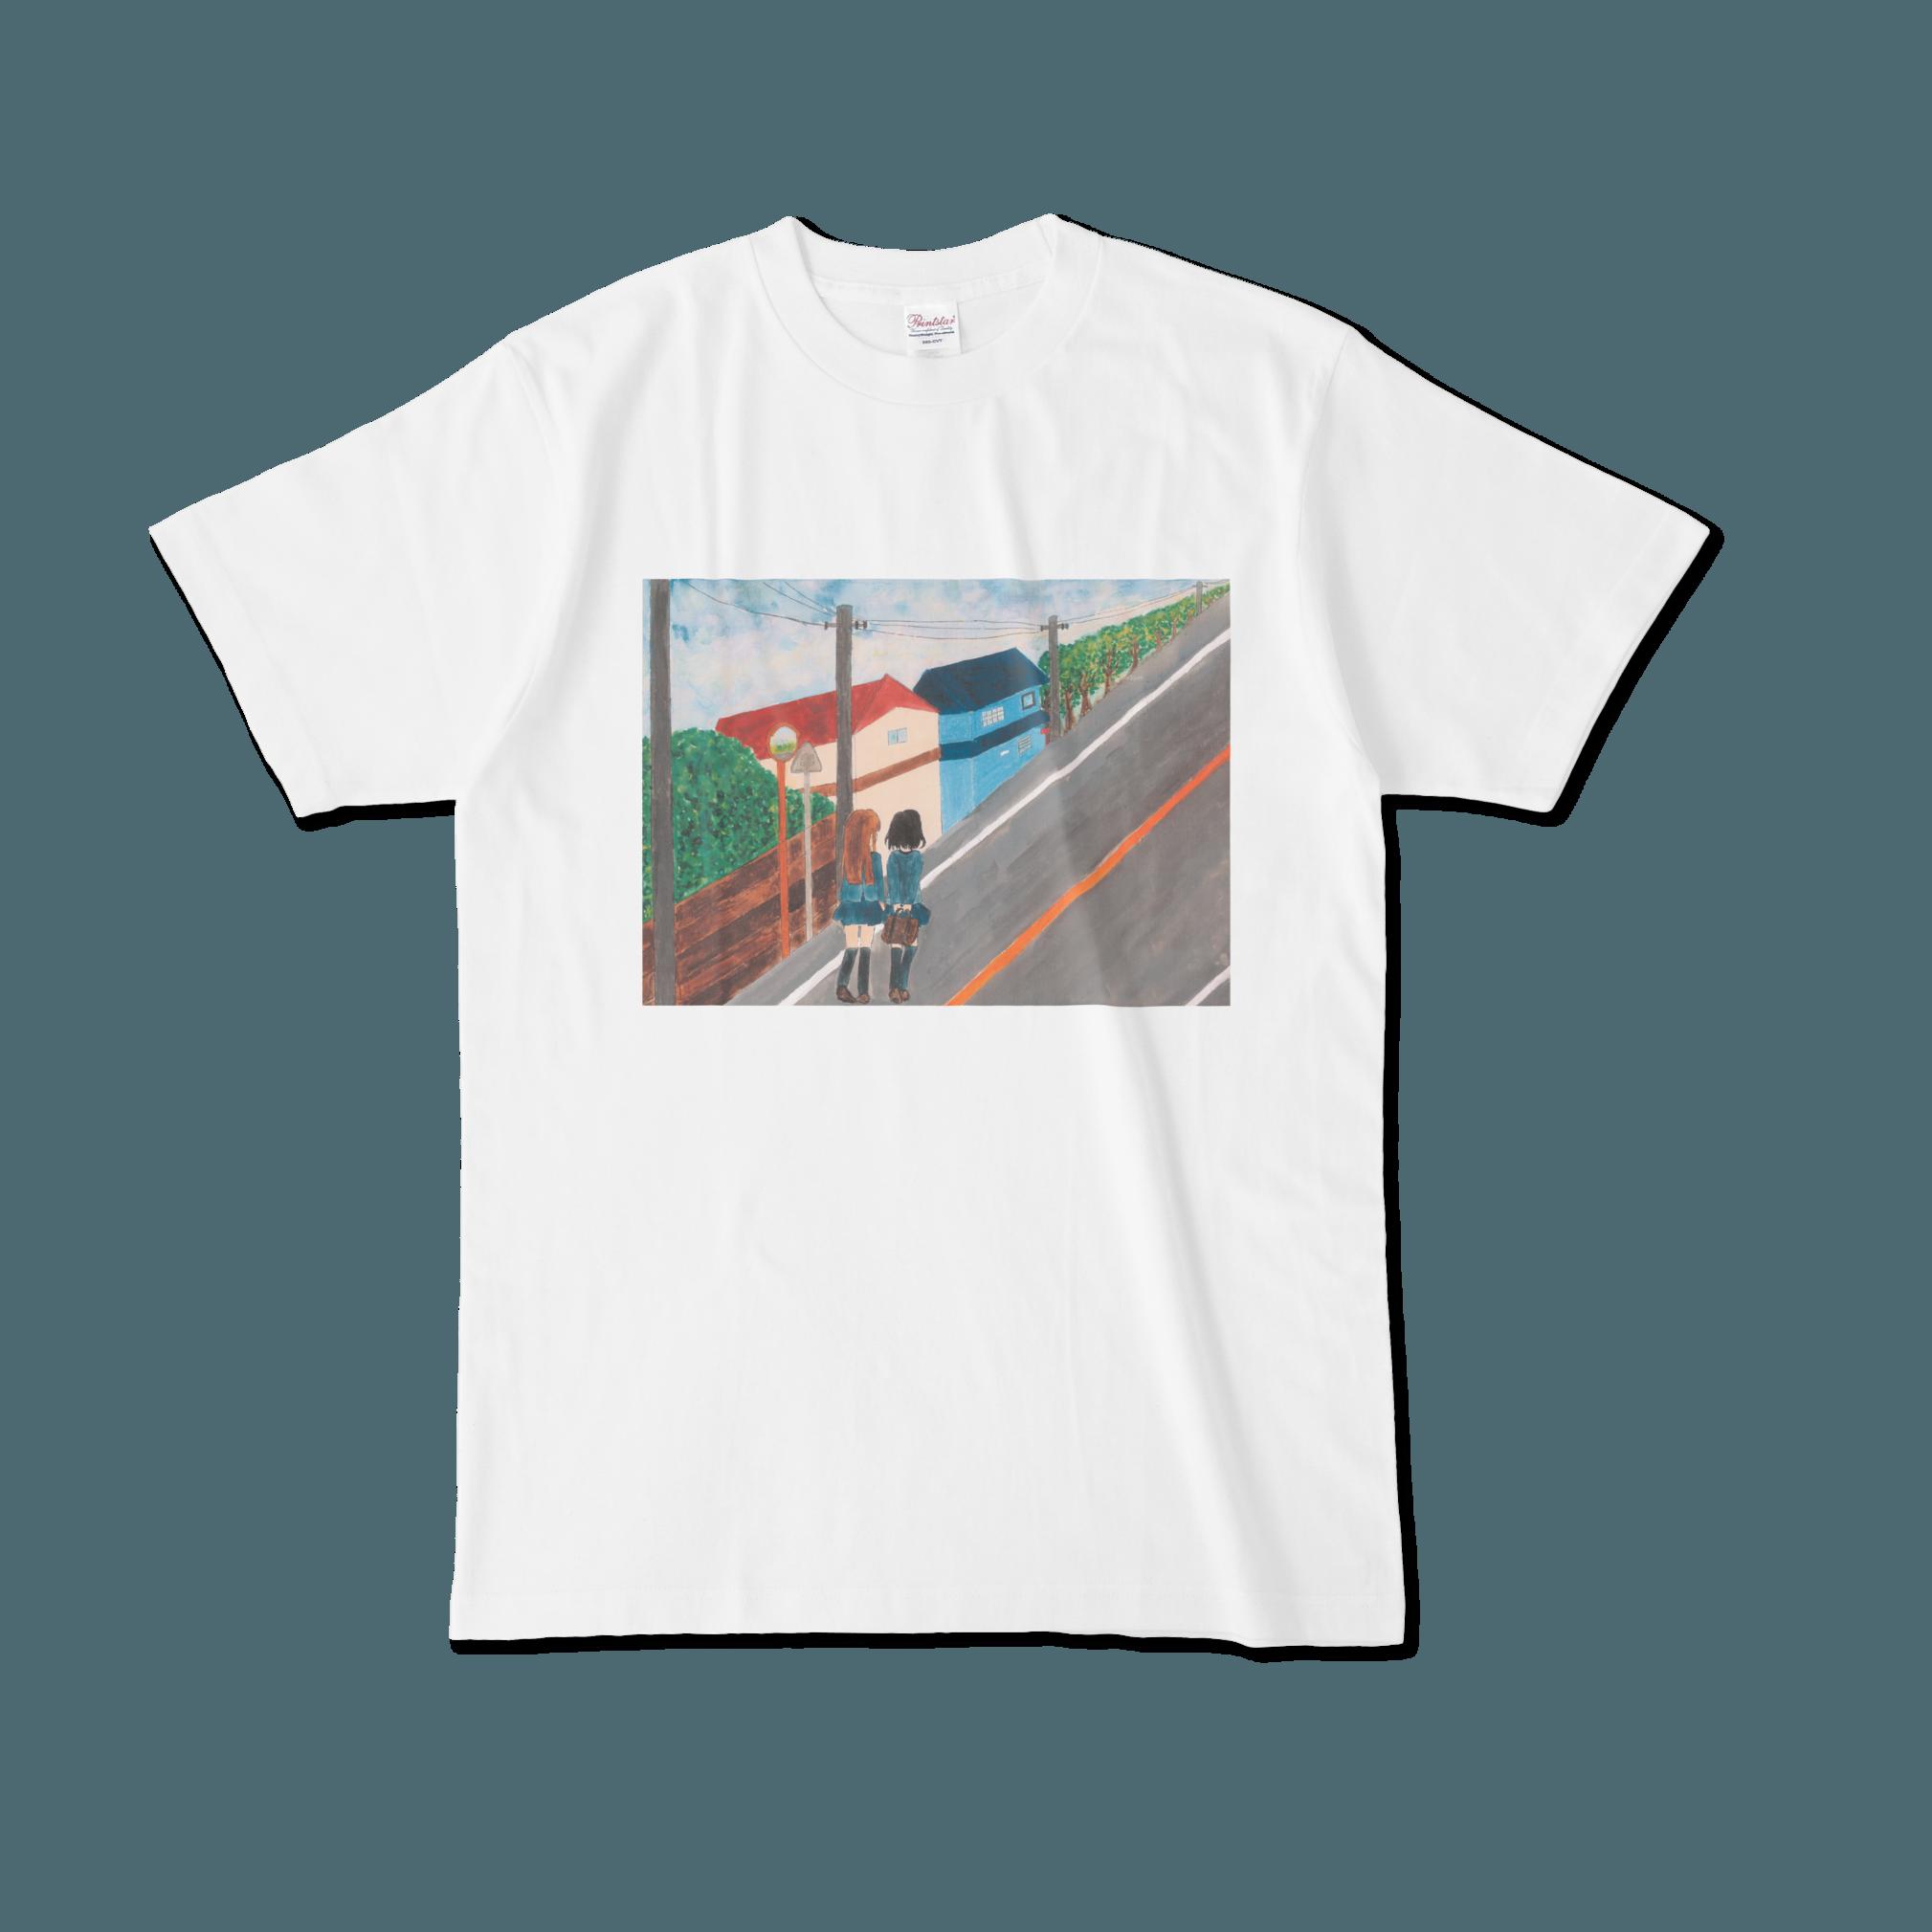 【税込・送料無料】成瀬陽菜デザインTシャツ「帰り道」